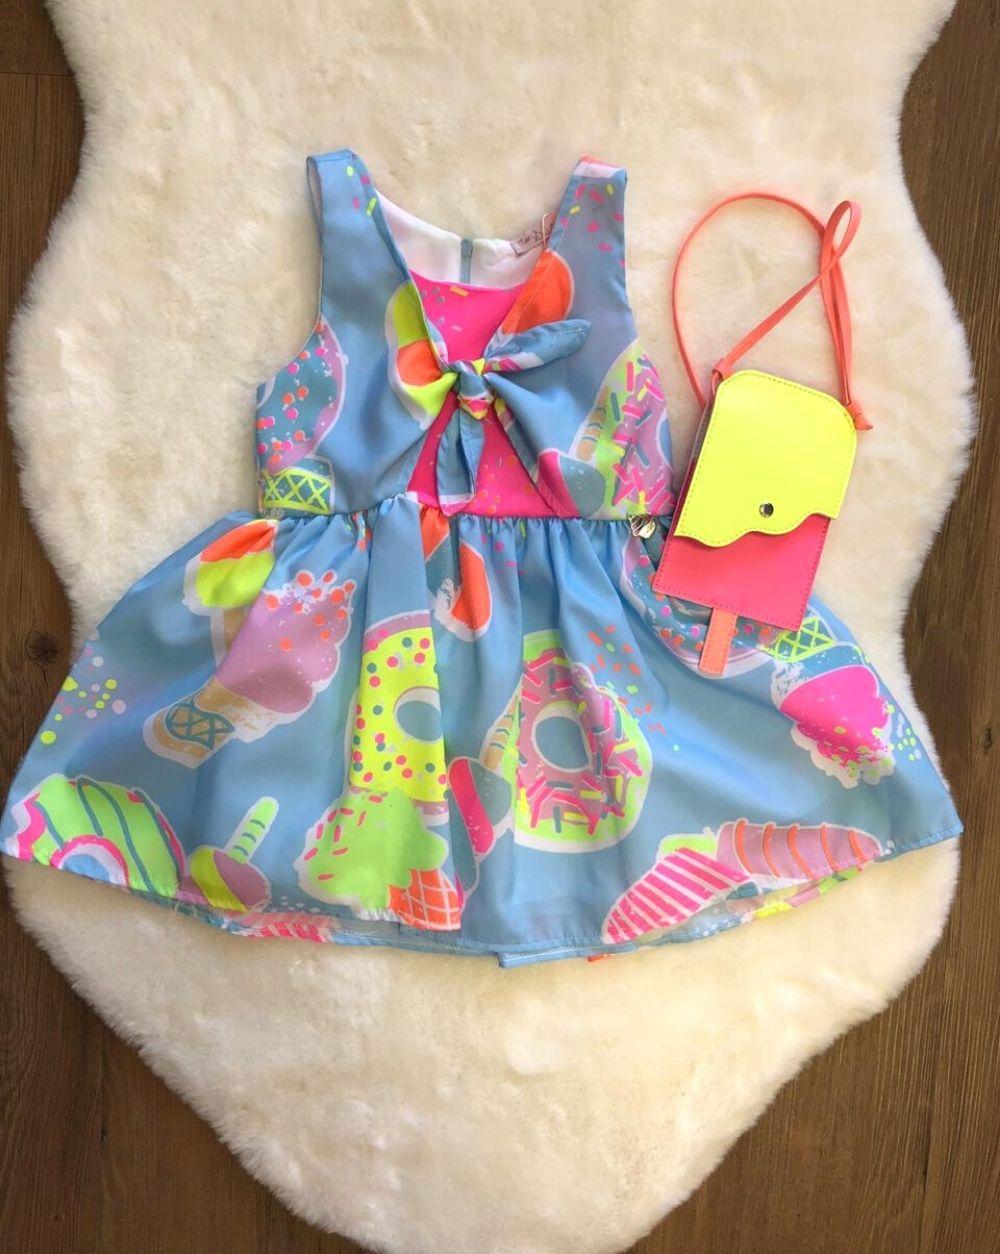 Vestido Candy com Bolsa de Picolé Mon Sucre